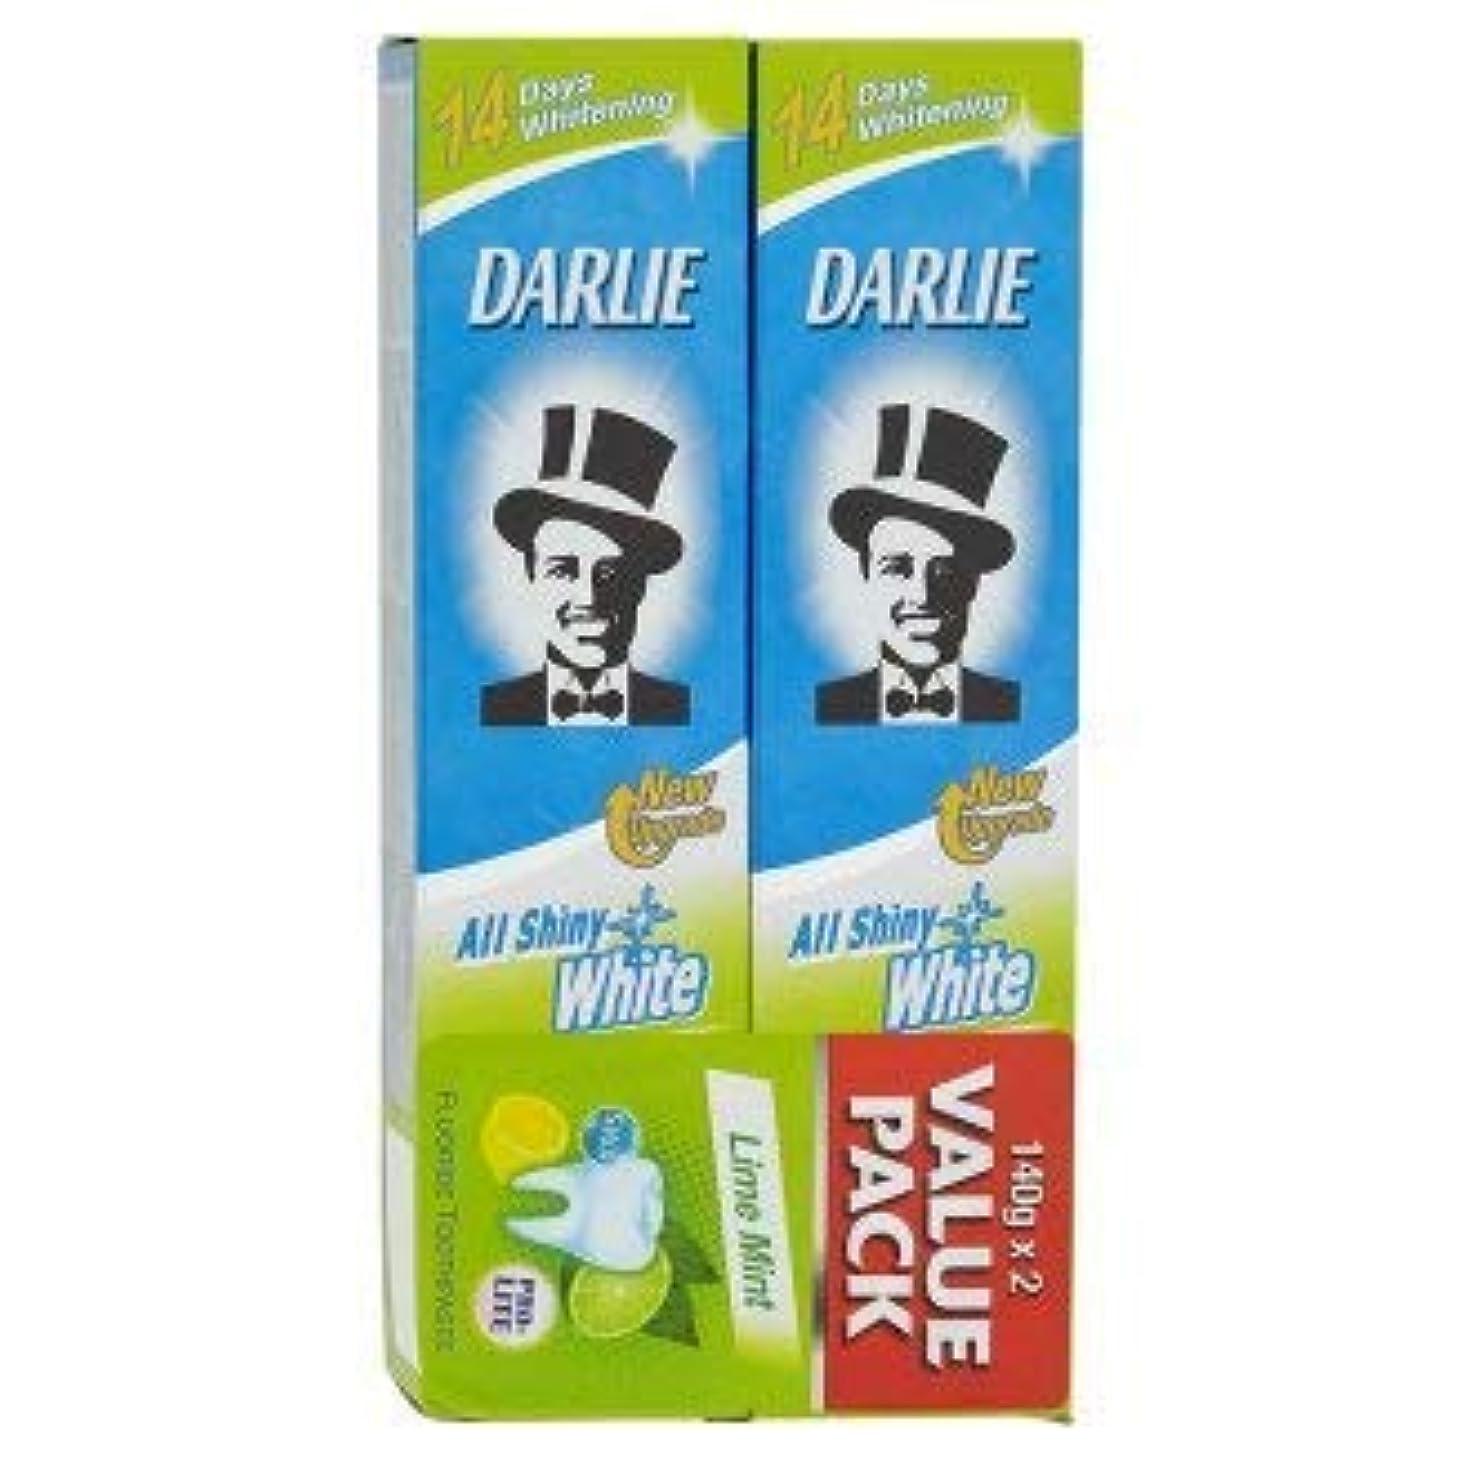 密ドライブさらにDARLIE 2つの電力可溶性汚れや緩やかな歯のホワイトニングを提供する新しいデュアルホワイトニングシステム - 全光沢のある白ライムミント140グラム値パックX2を歯磨き粉